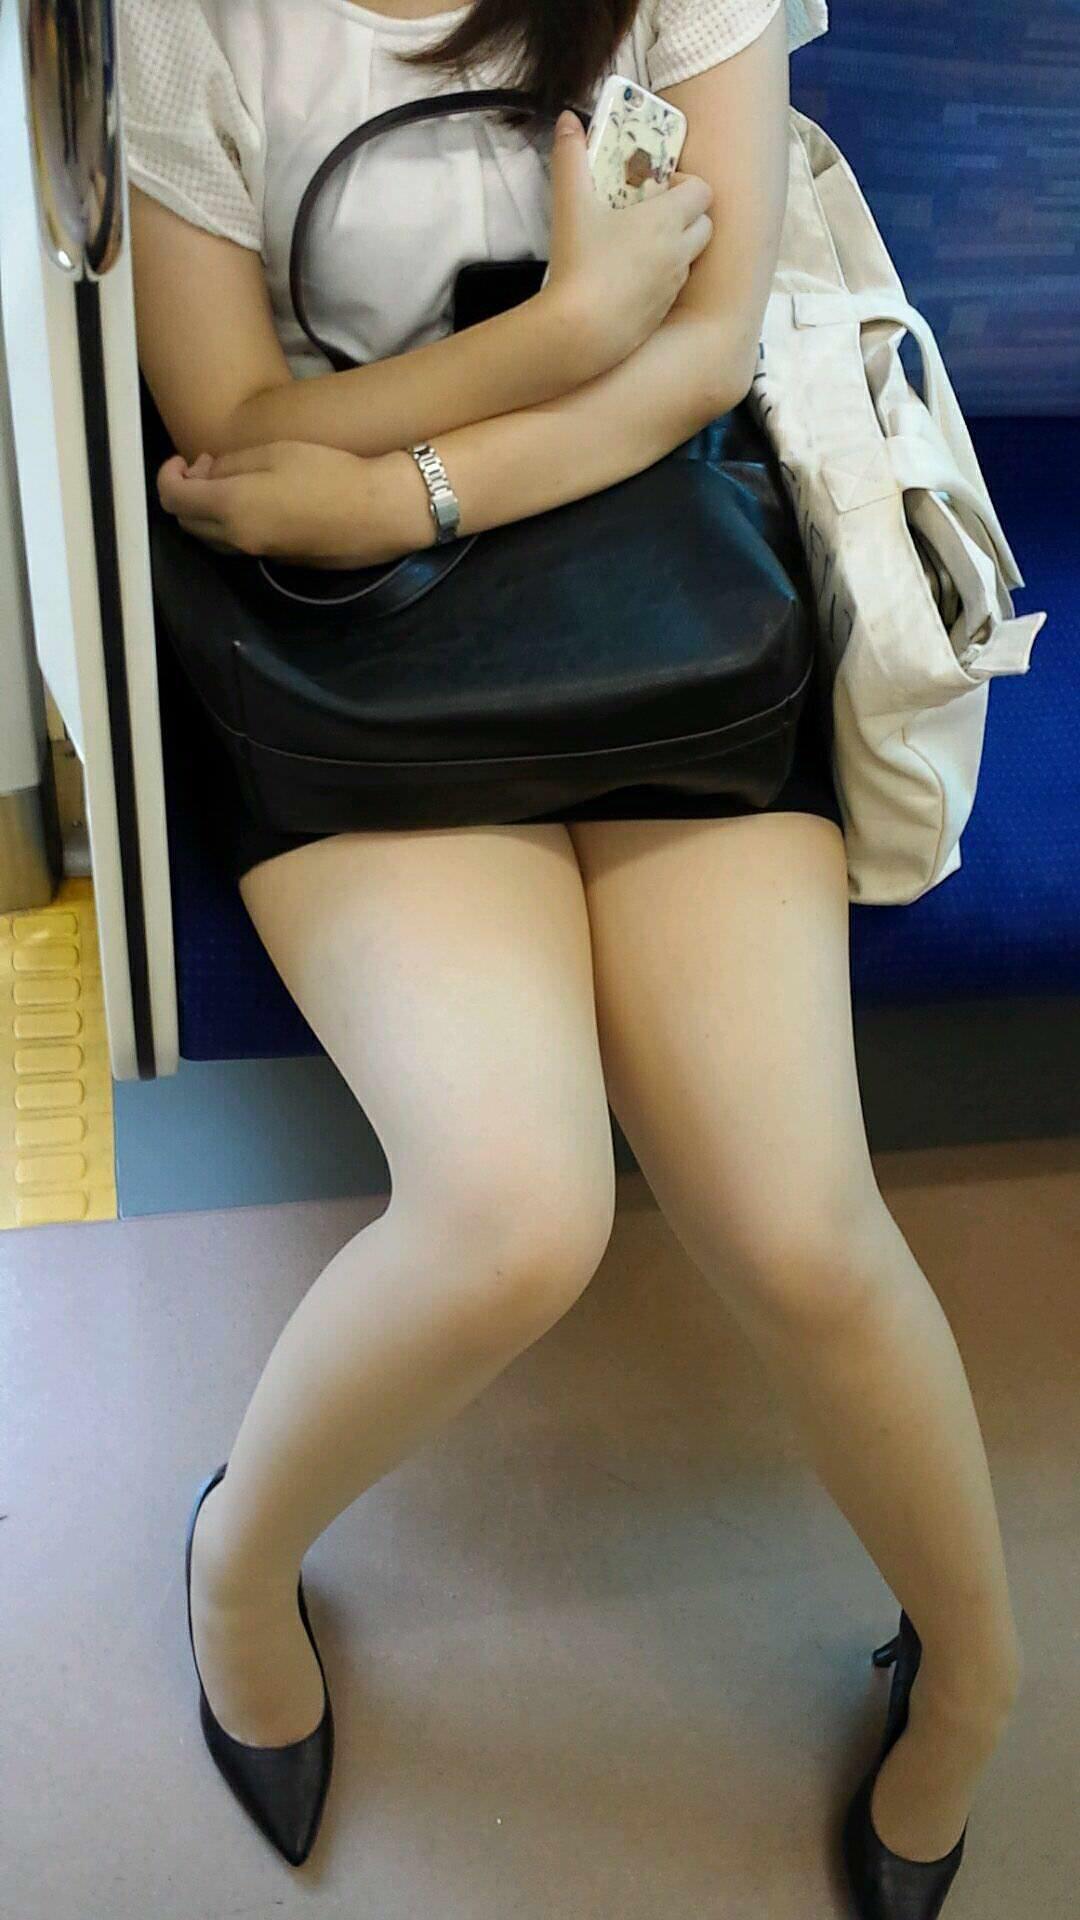 ミニスカート履いたお姉さんの綺麗な太もも!